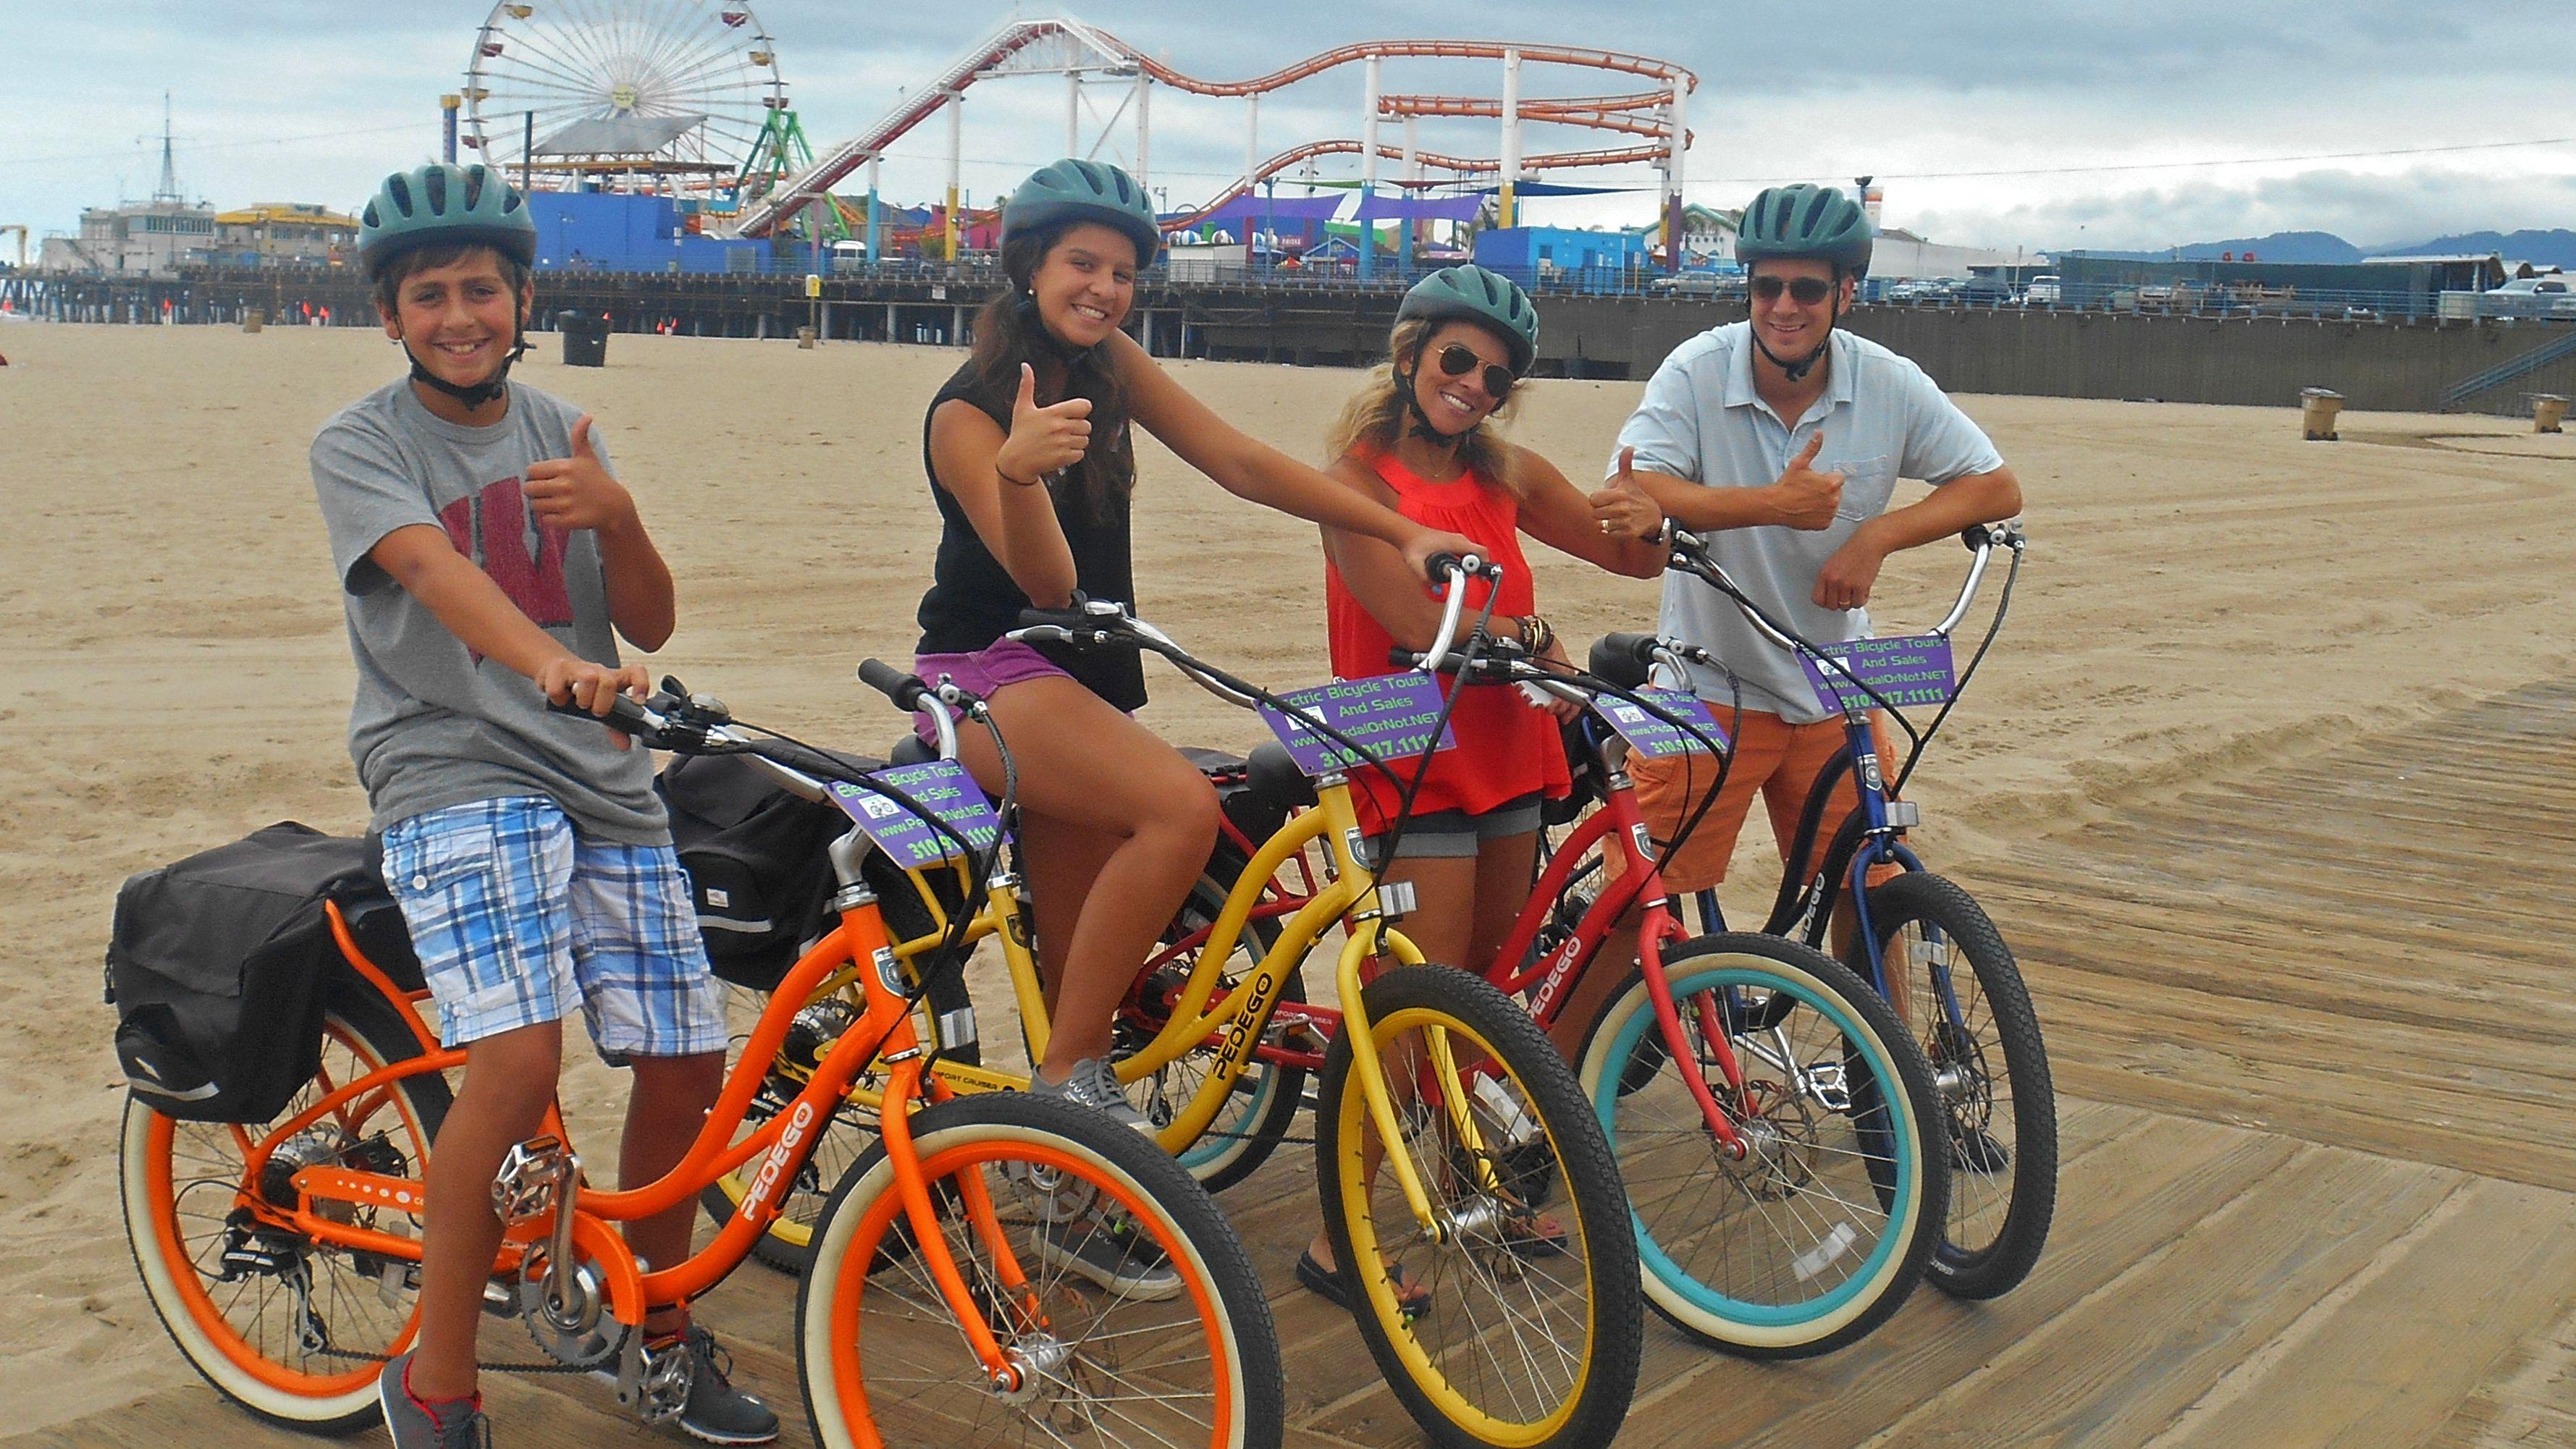 Semi-Private Electric Bike Tour of Santa Monica & Venice Beach